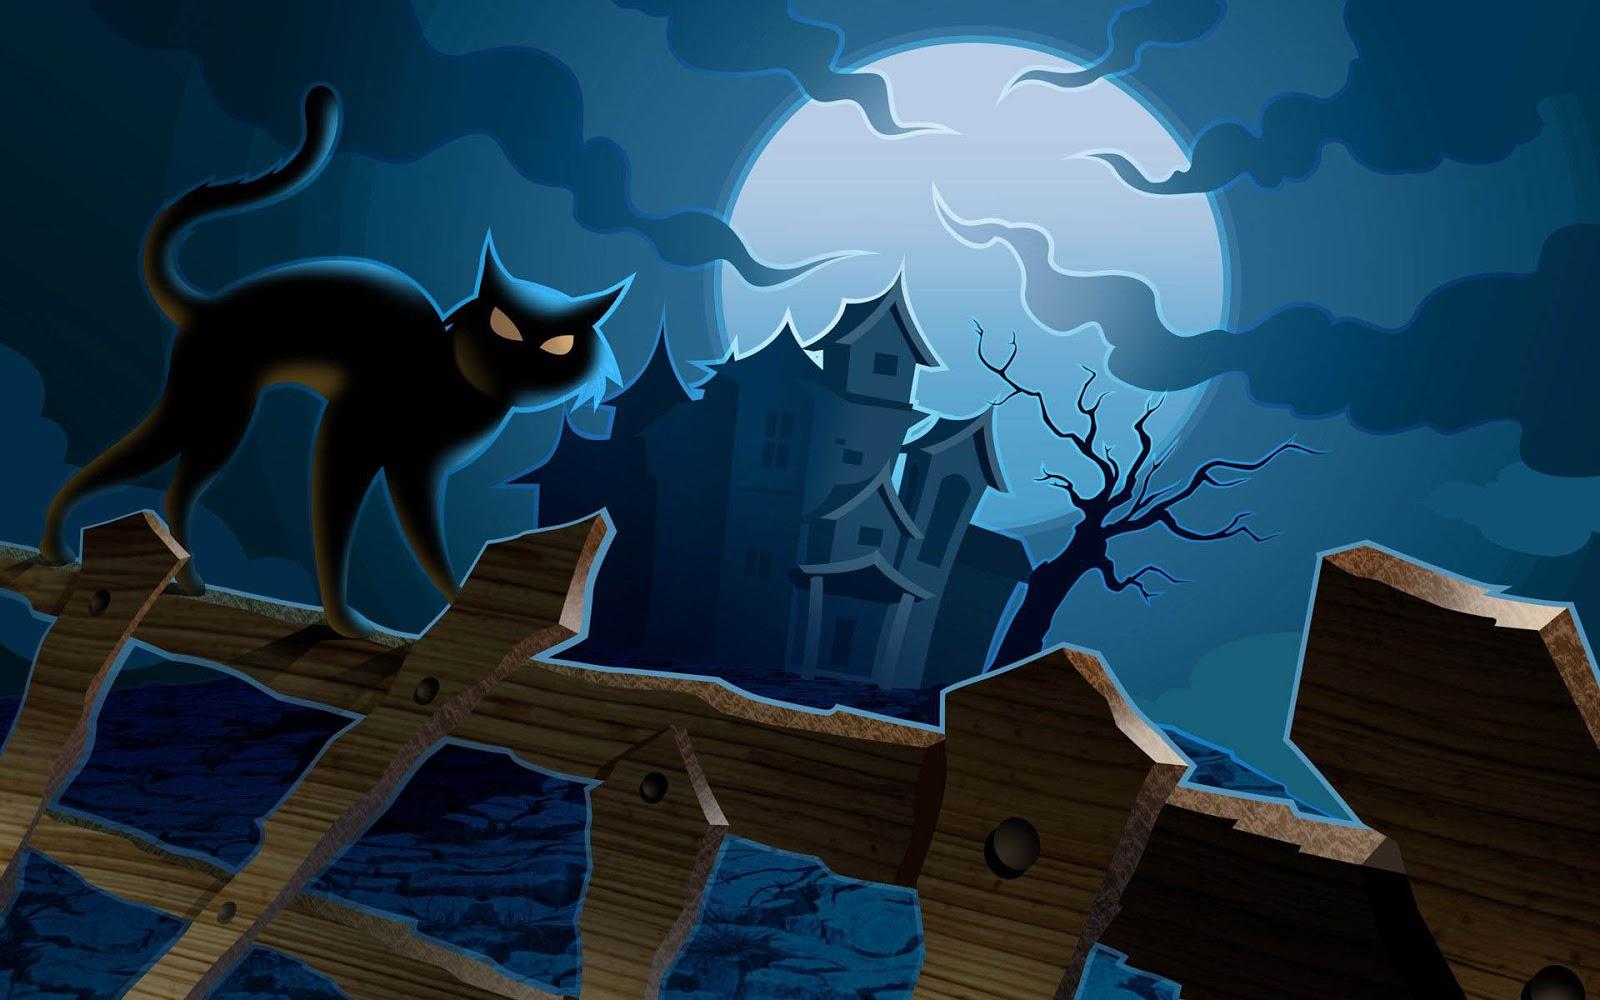 http://2.bp.blogspot.com/-CPOxY1mPw0M/UJJAPkkEnNI/AAAAAAAAIaQ/9pIGhK5z-6I/s1600/3d-halloween-achtergrond-met-een-kat-op-een-hek-en-een-oud-huis.jpg